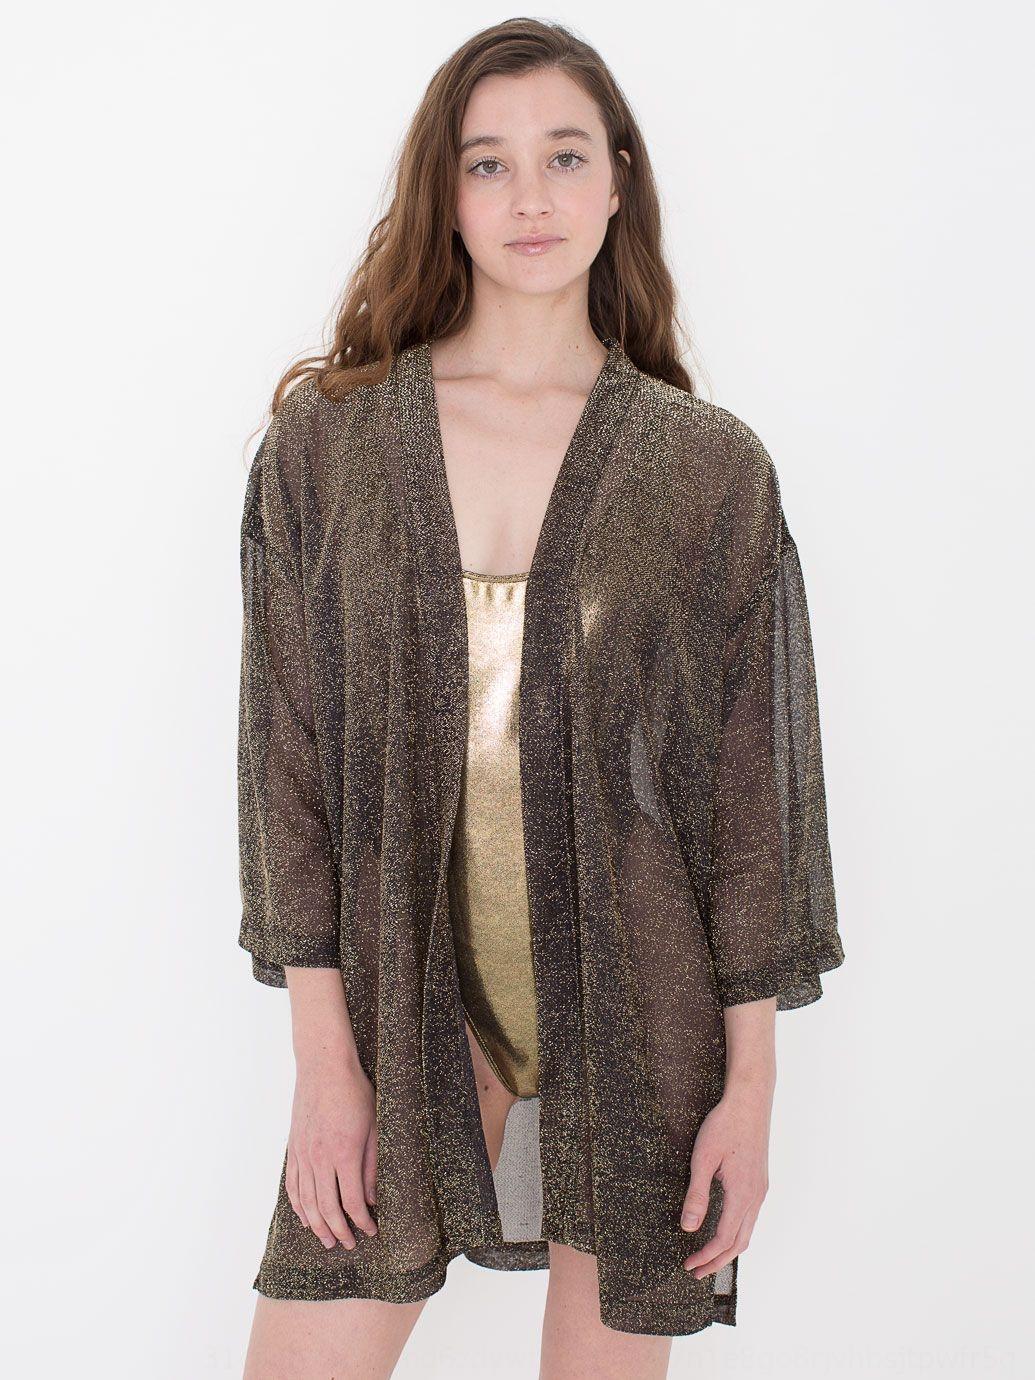 zblGw ropa chaqueta de punto # 7120 2019 nueva primavera de oro de cebolla chaqueta de punto de la manga kimono kimono protector solar media de las mujeres